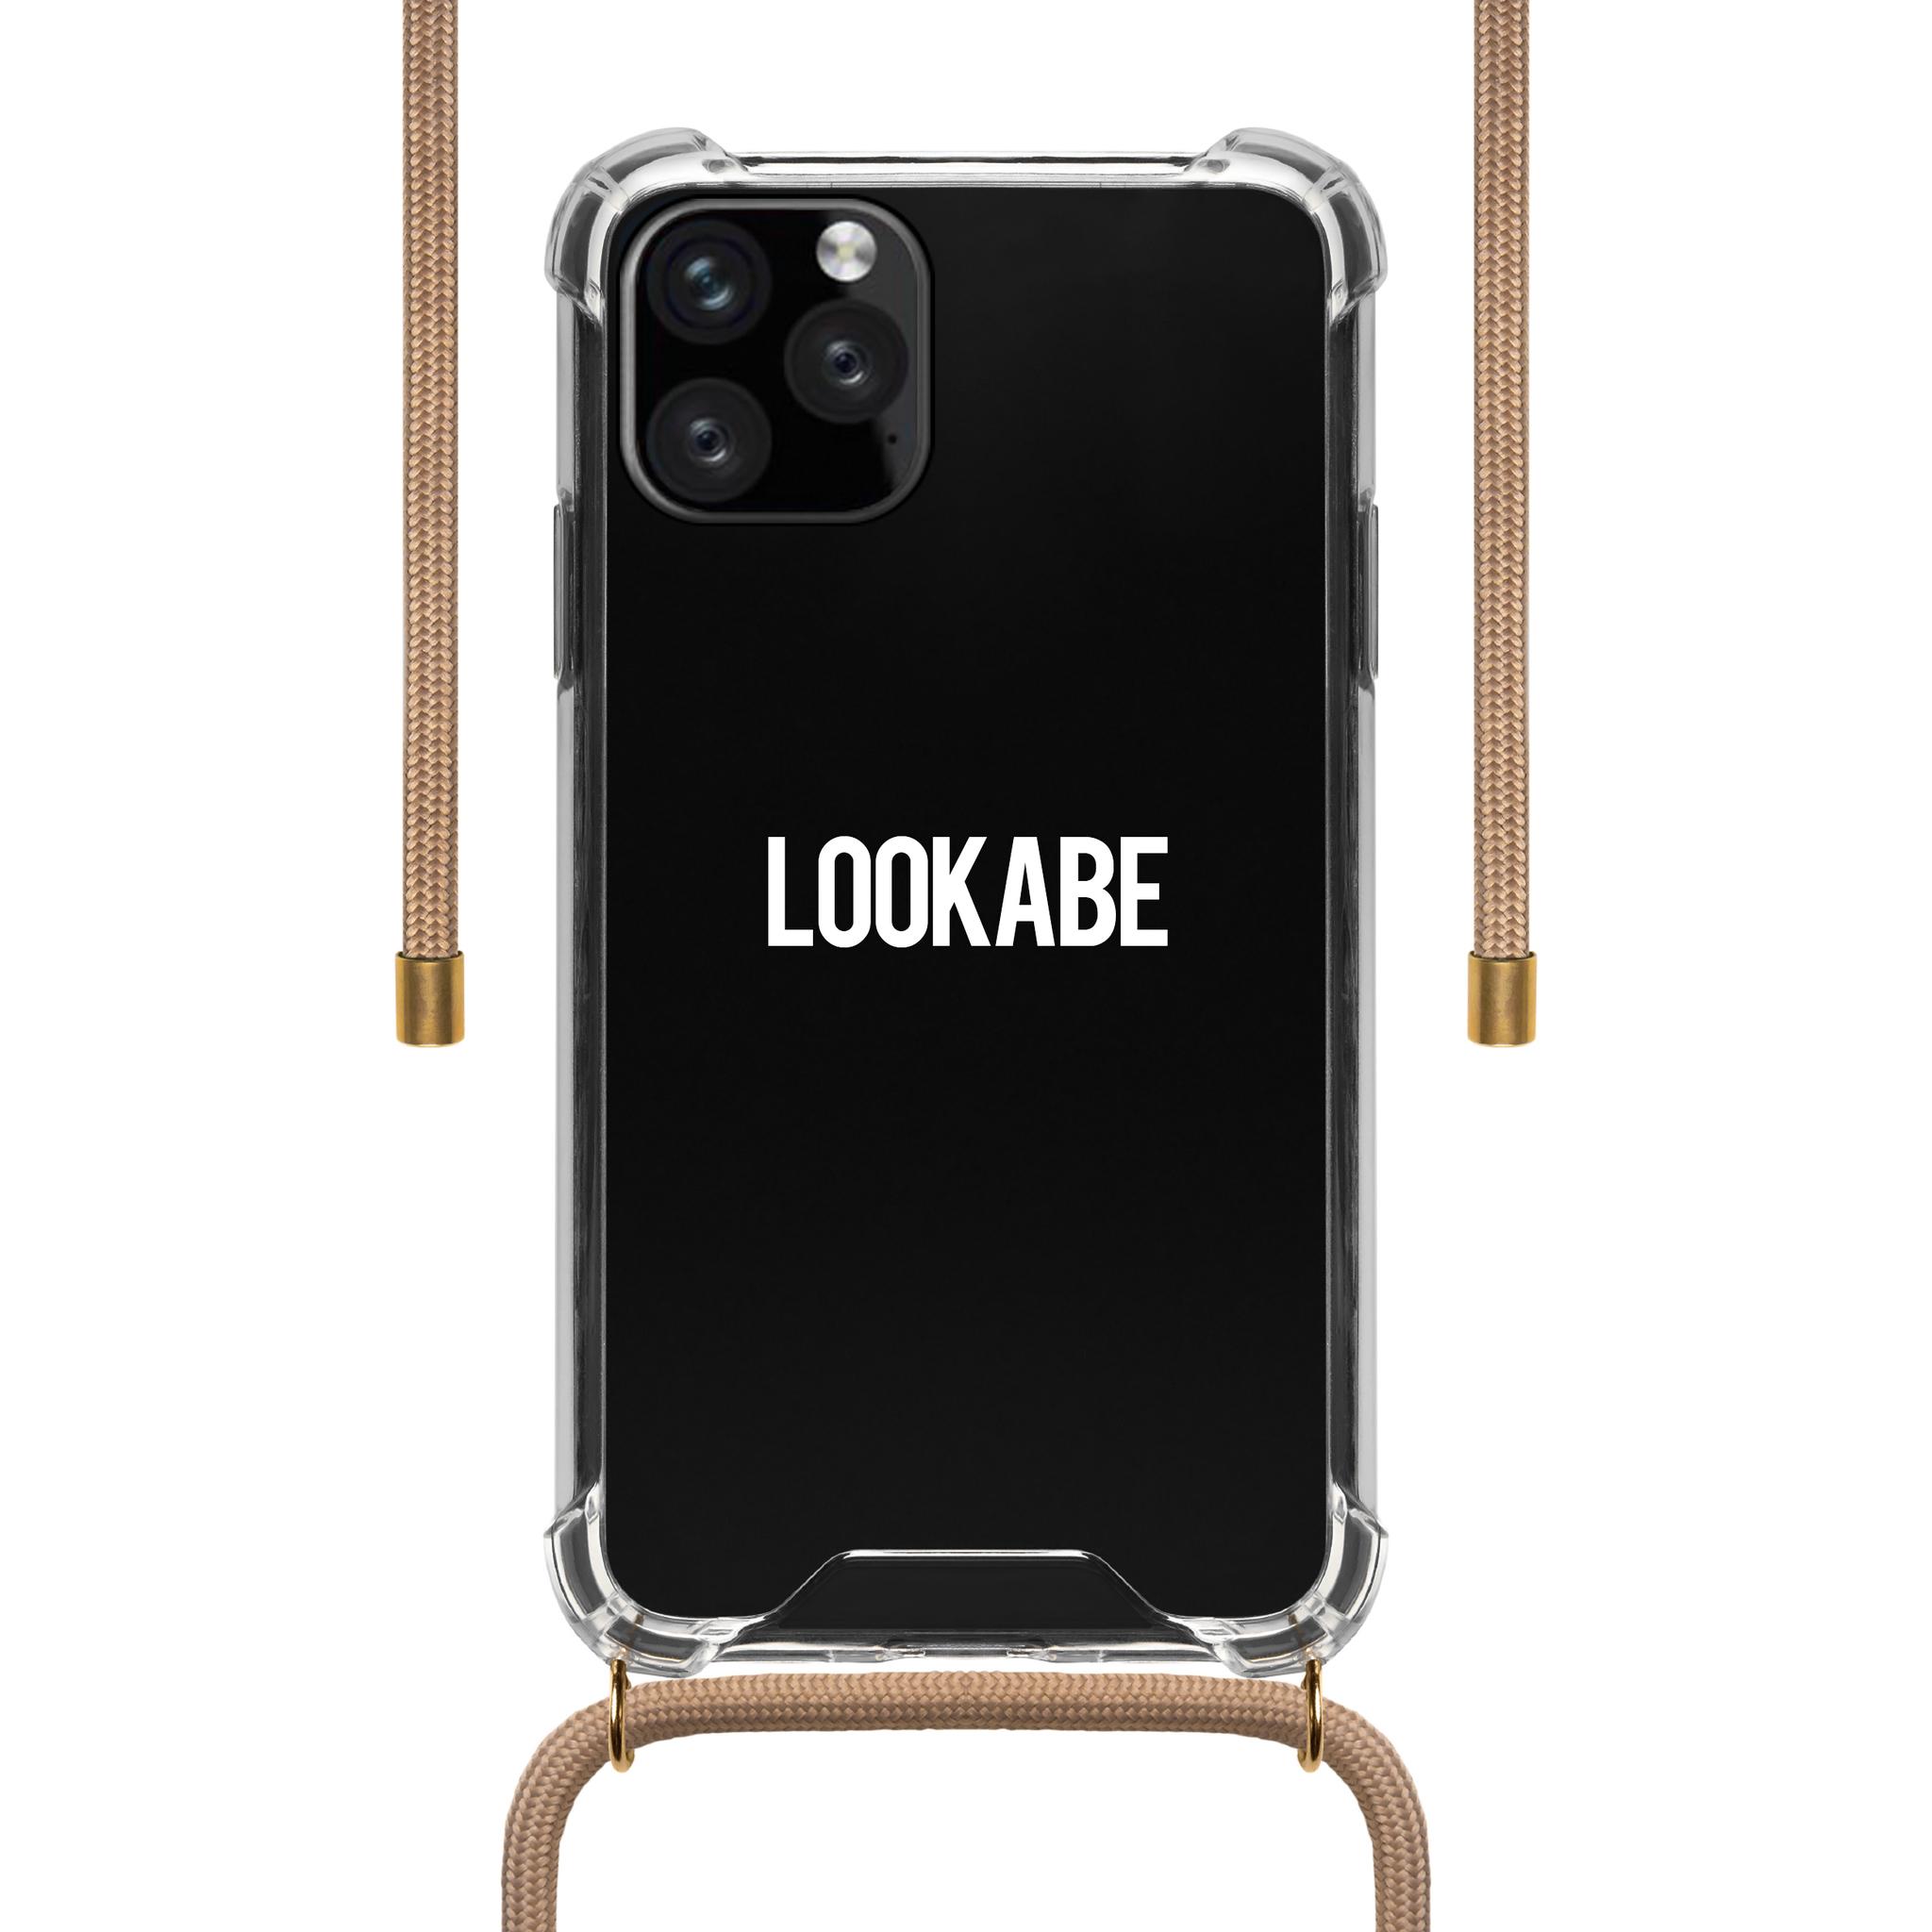 LOOKABE Necklace Case, Handykette für iPhone XS Max, nude